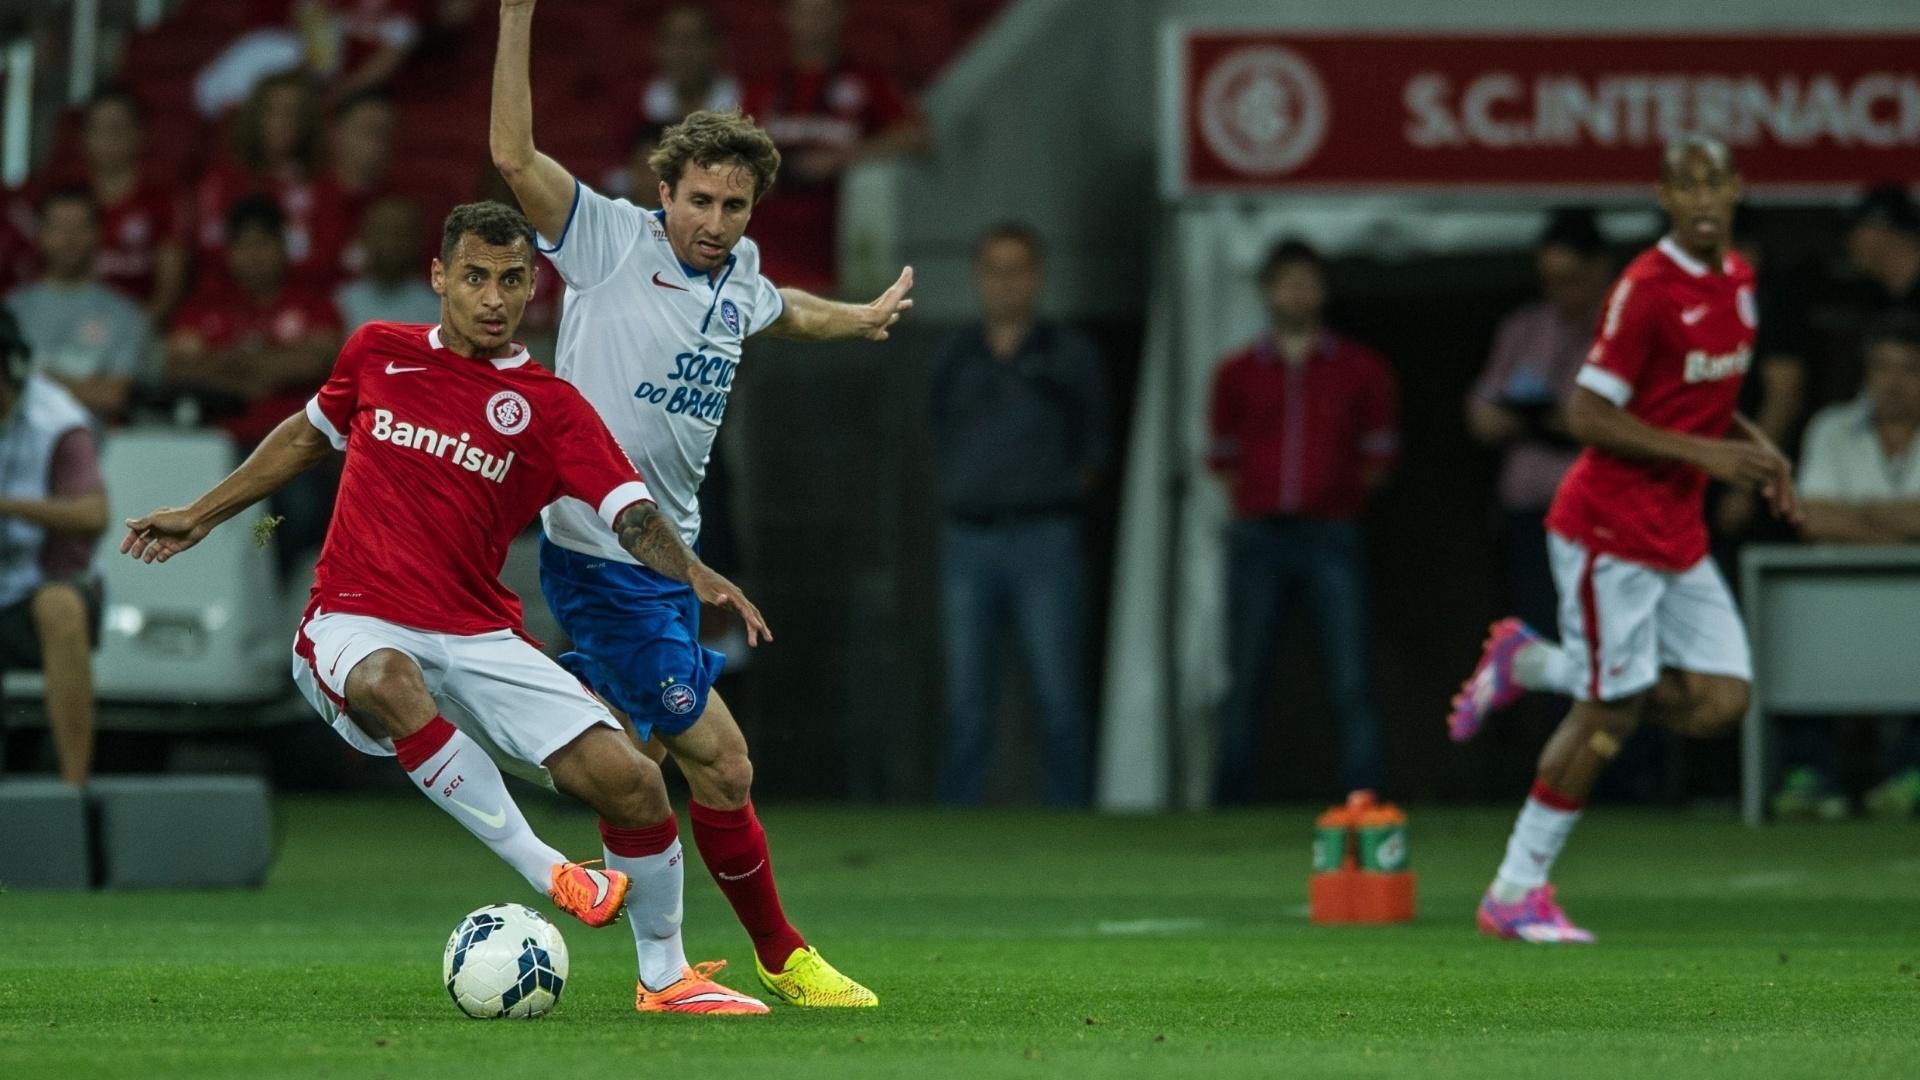 Alan Patrick domina a bola, sob marcação do Bahia